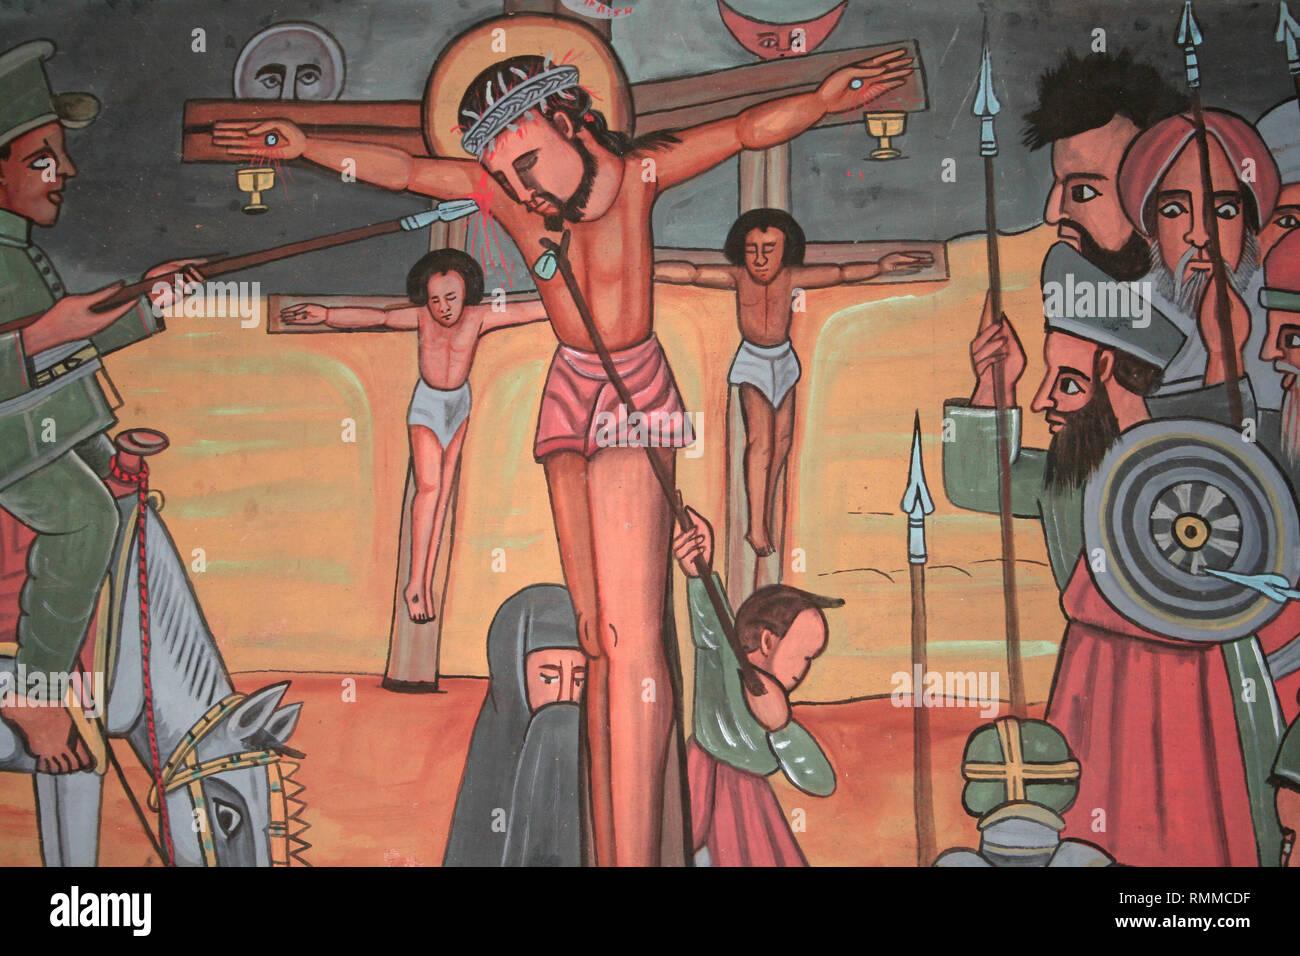 Ethiopia Art - Jesus Crucifixion - Stock Image